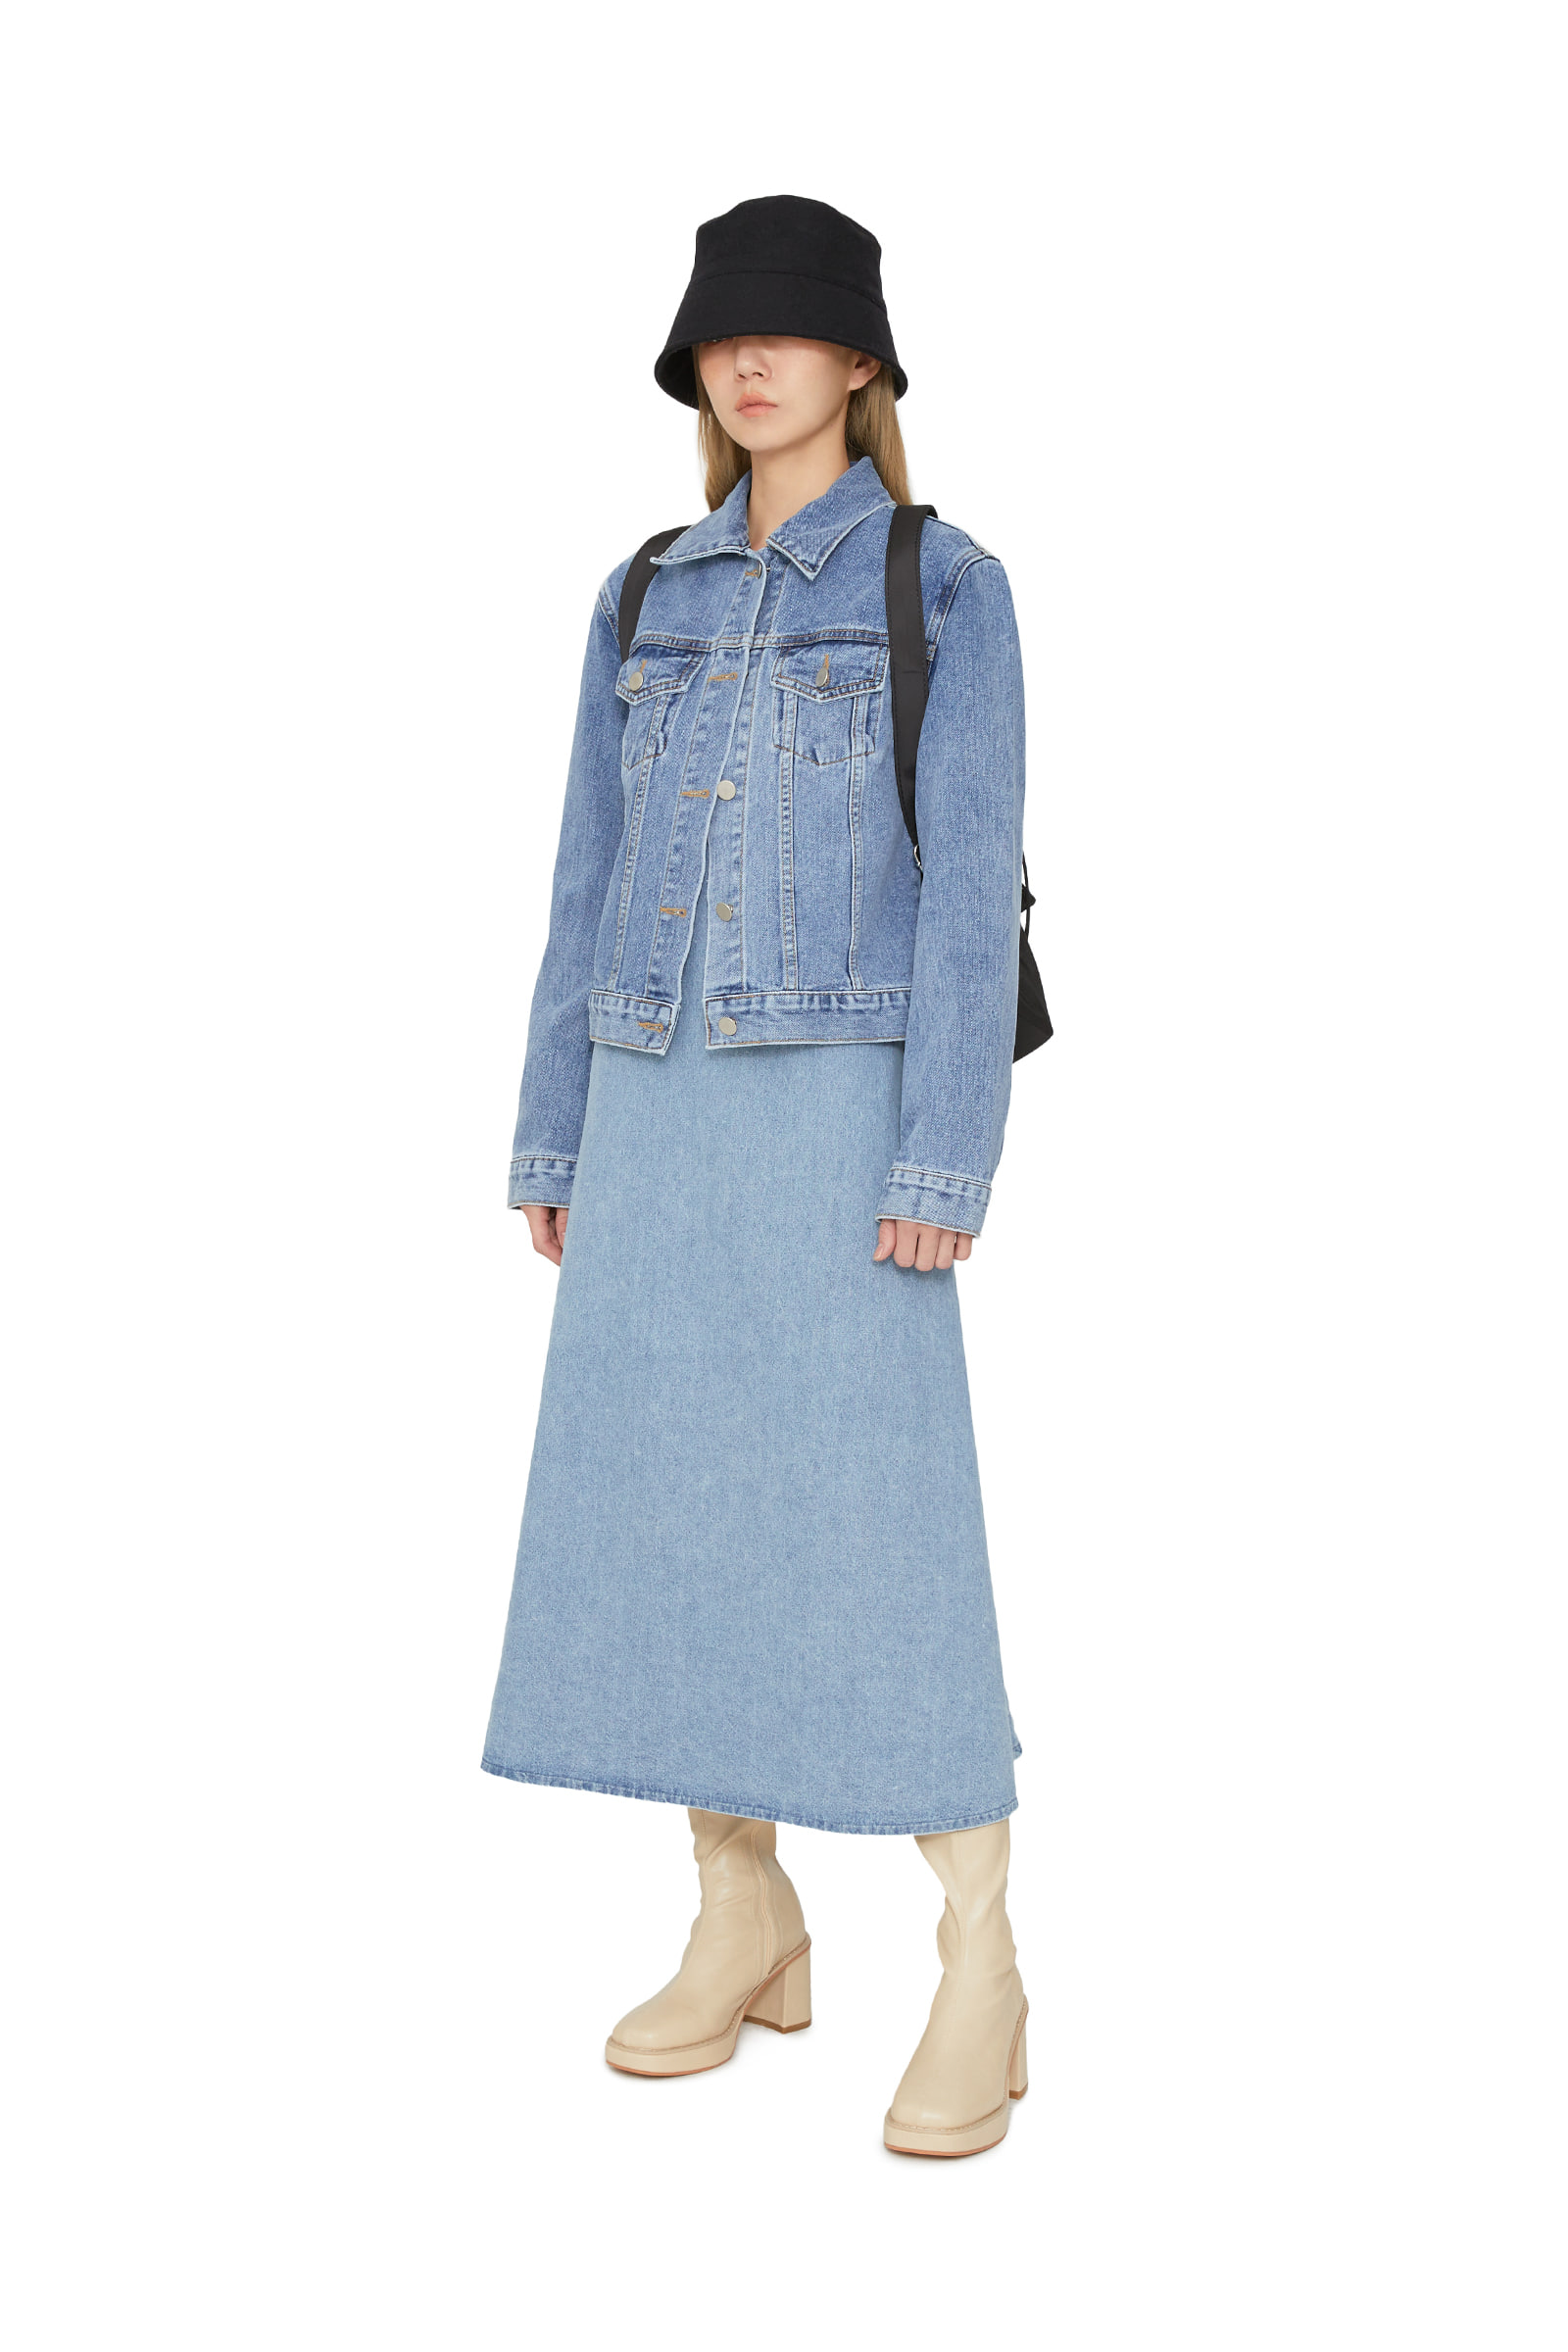 Marie denim midi dress